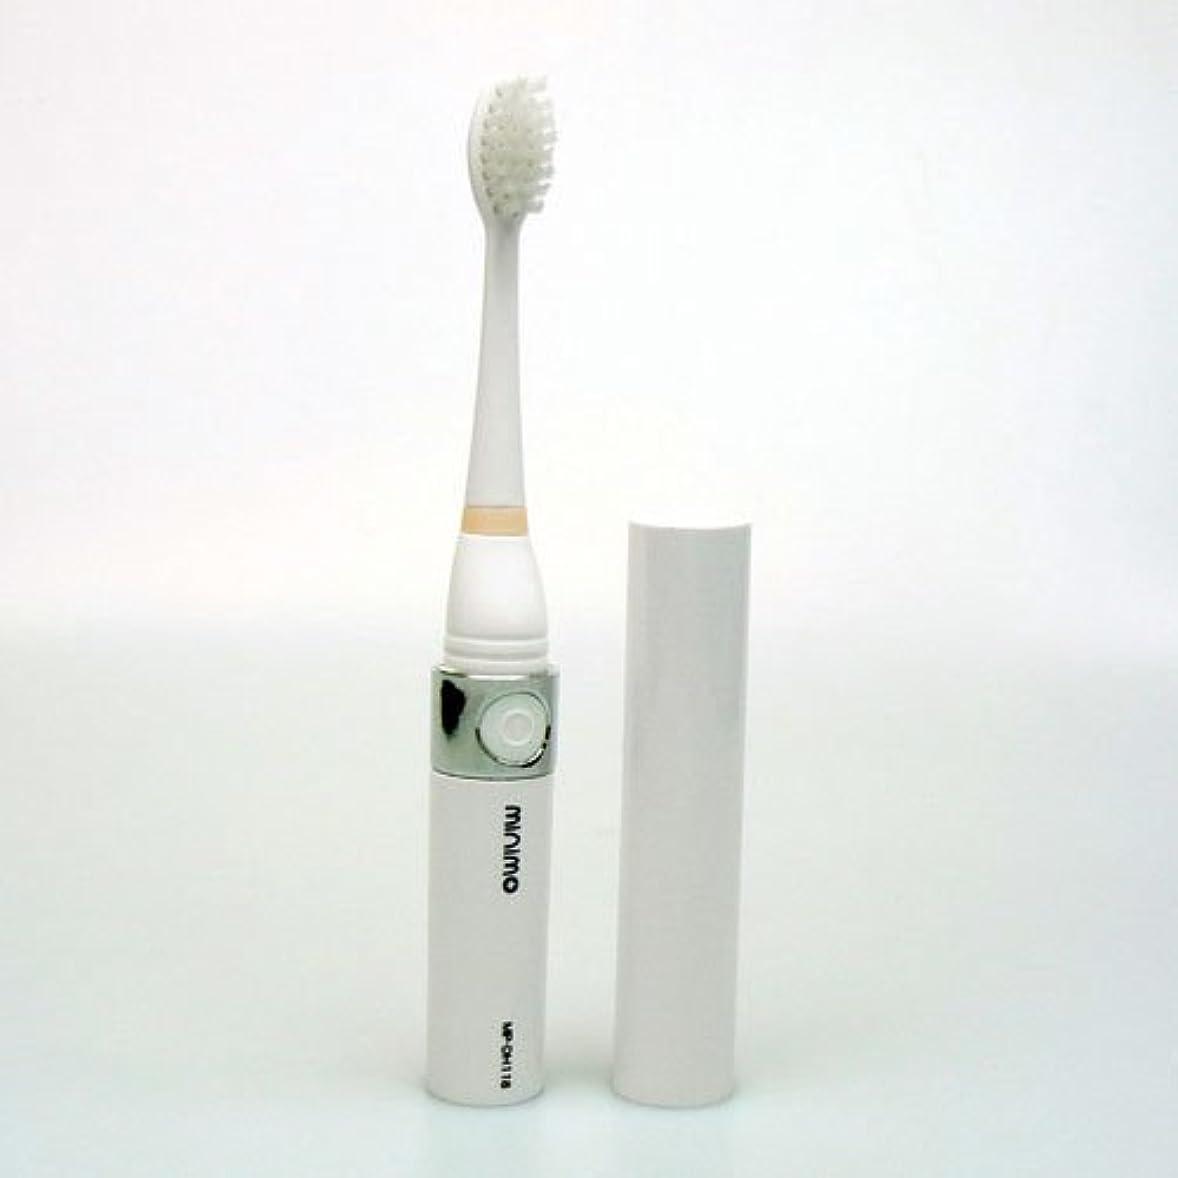 散る居心地の良い修正maruman 音波振動歯ブラシ minimo ホワイト MP-DH118WH